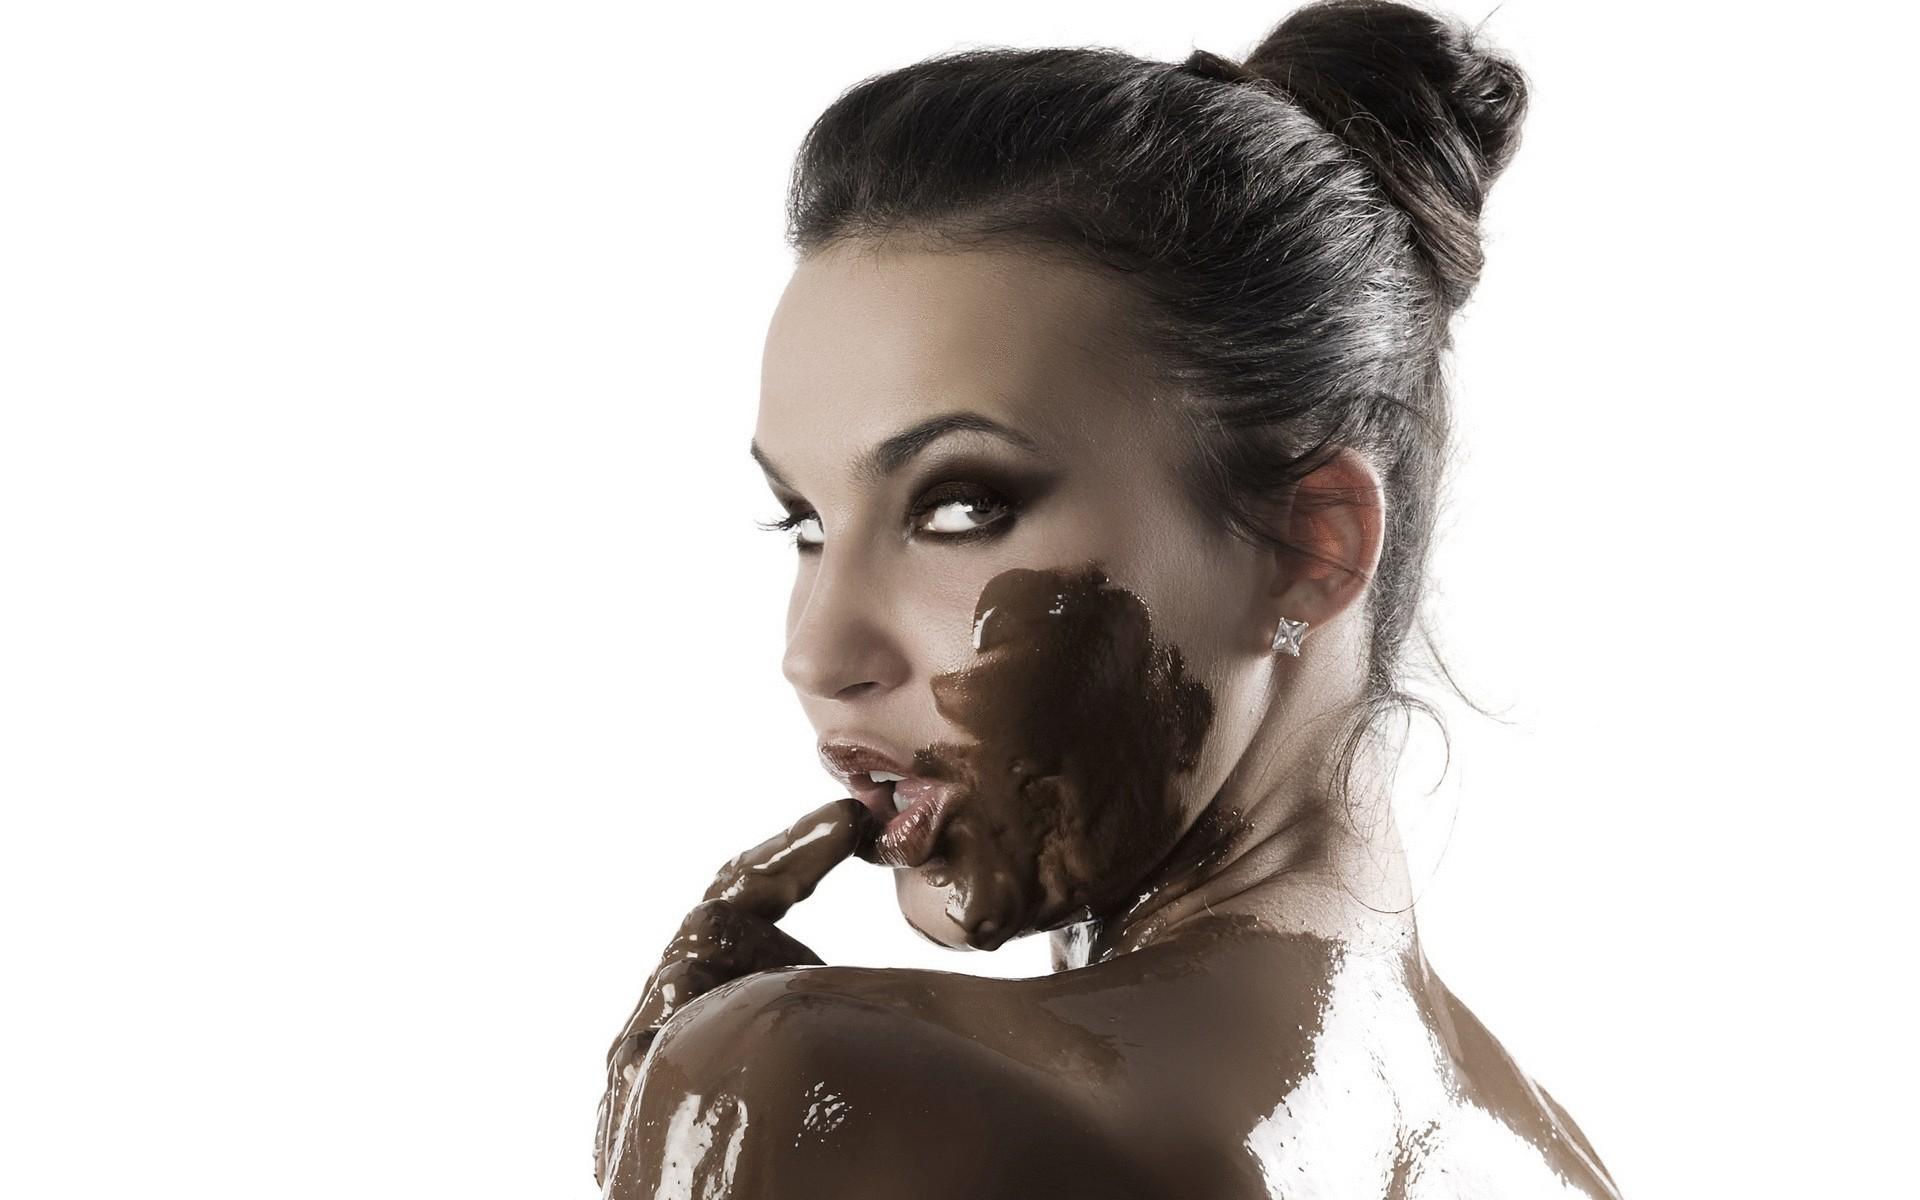 Шоколадный глаз у женщин